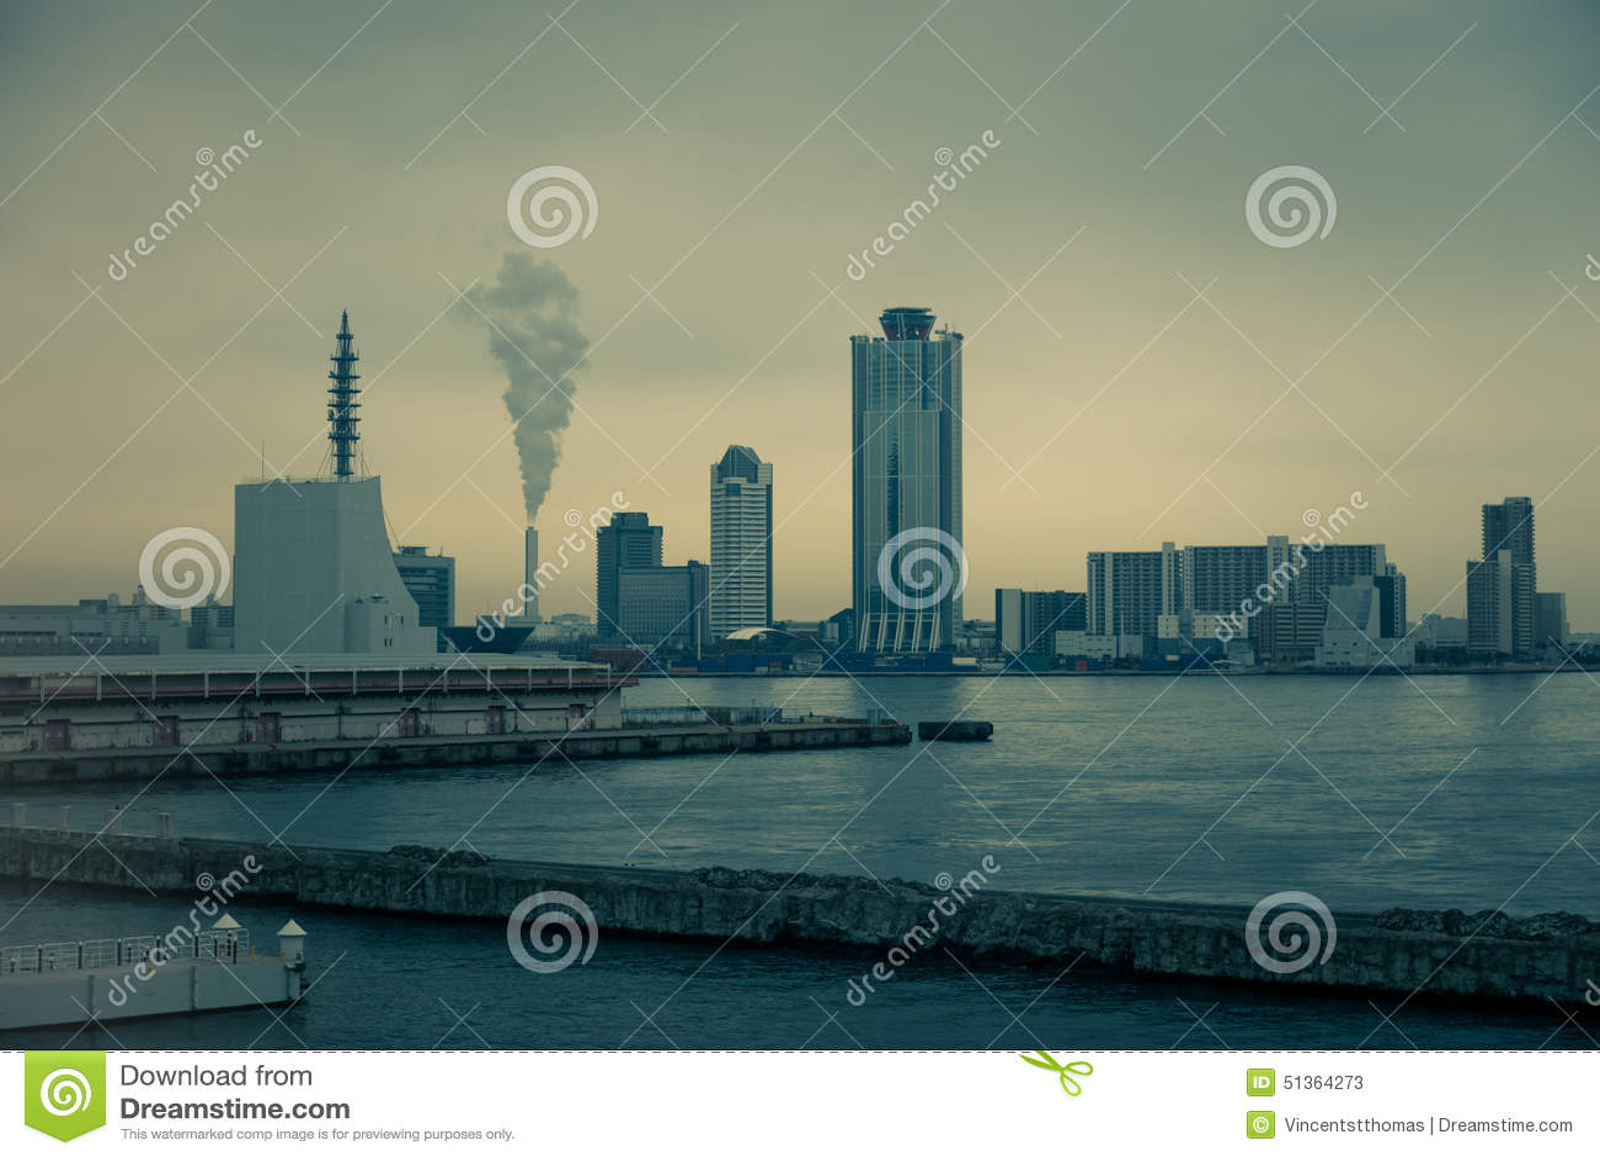 Osaka Port